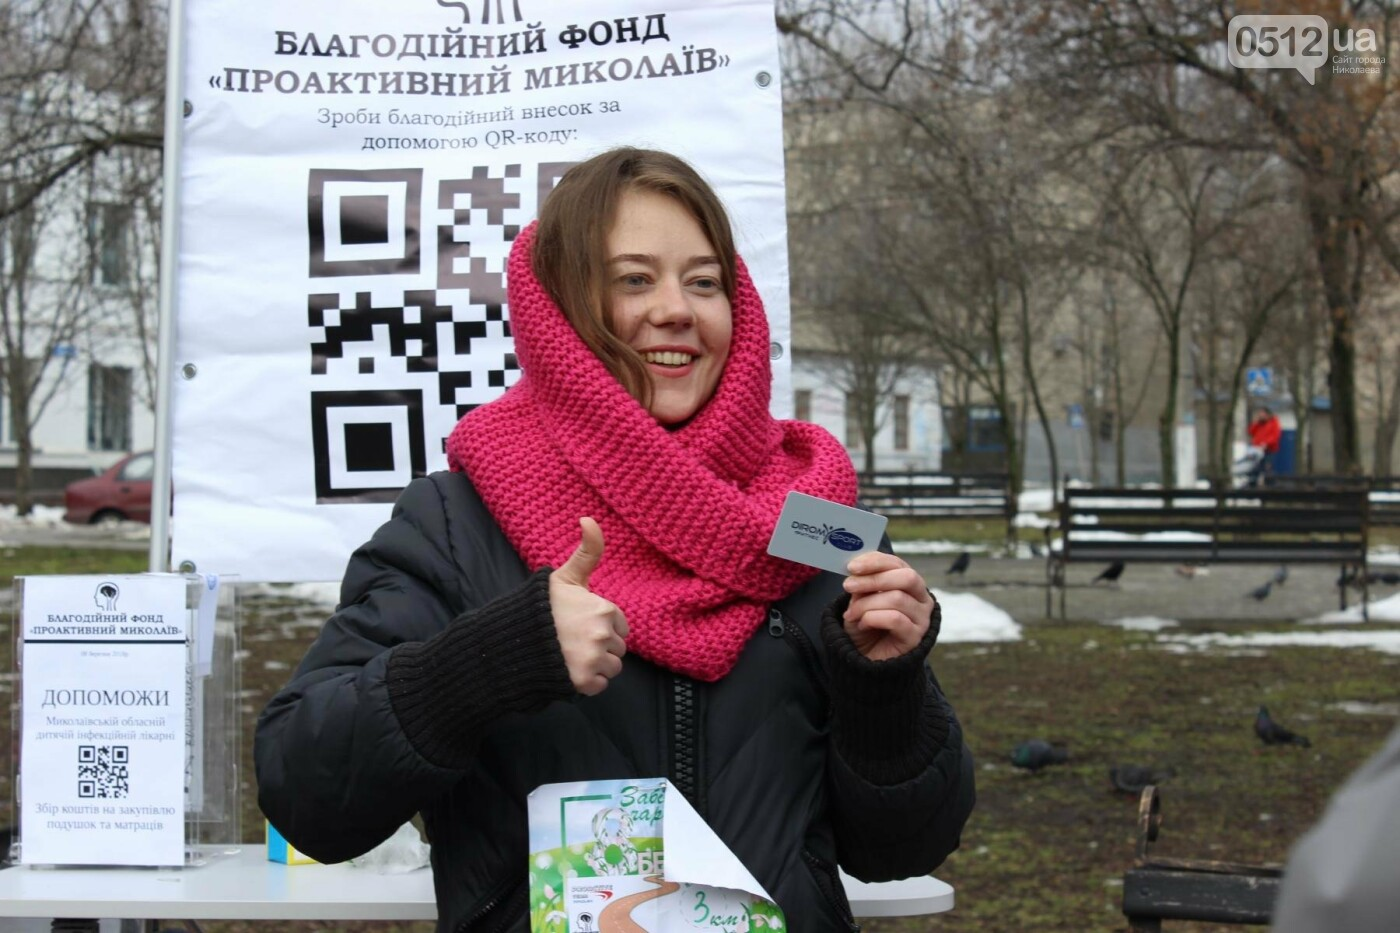 В Николаеве прошел забег очарования, - ФОТО, фото-9